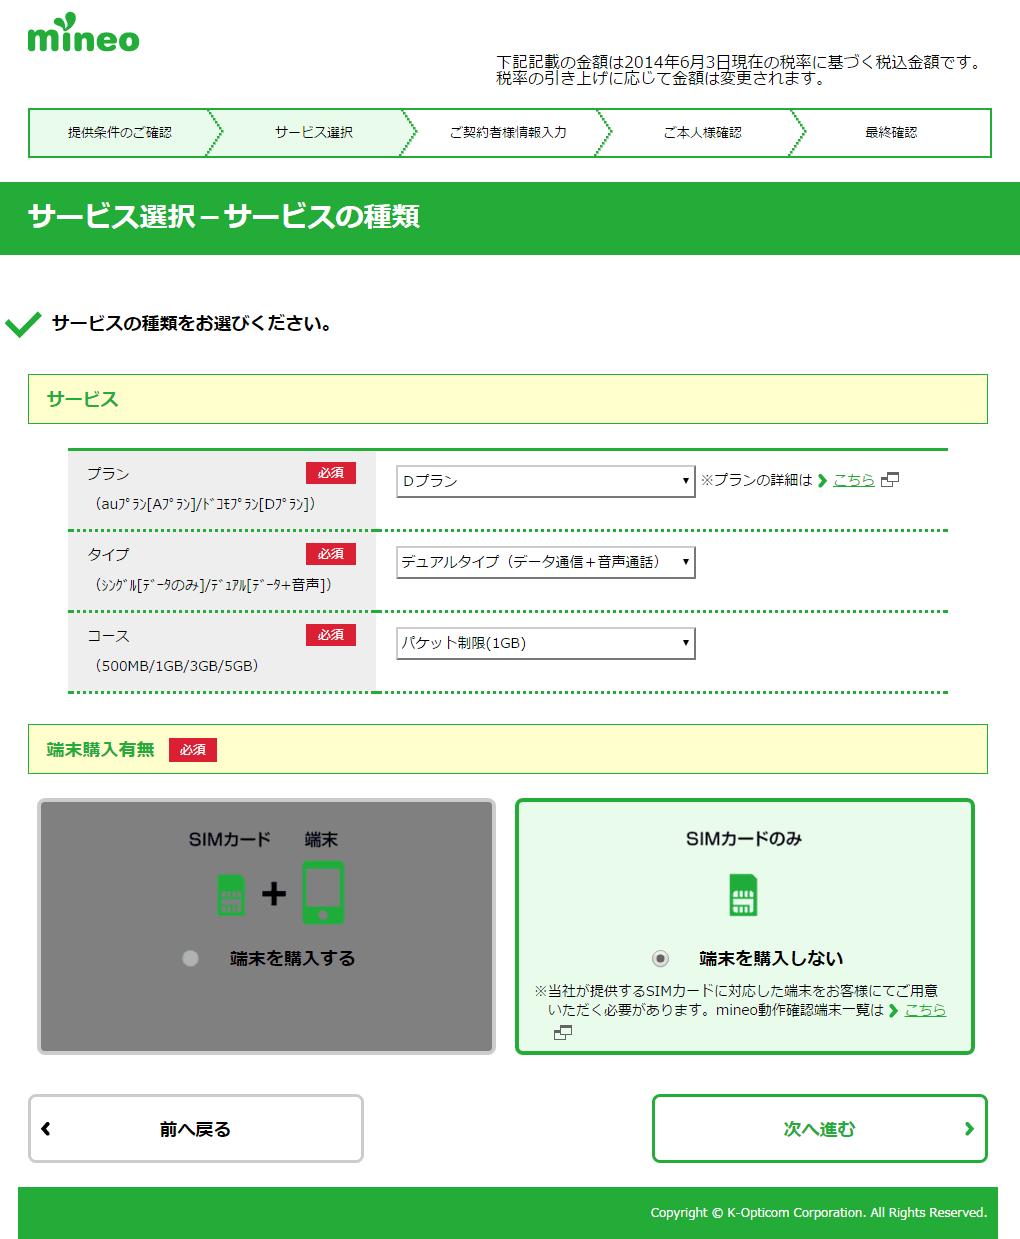 mineo申し込み方法 サービス選択